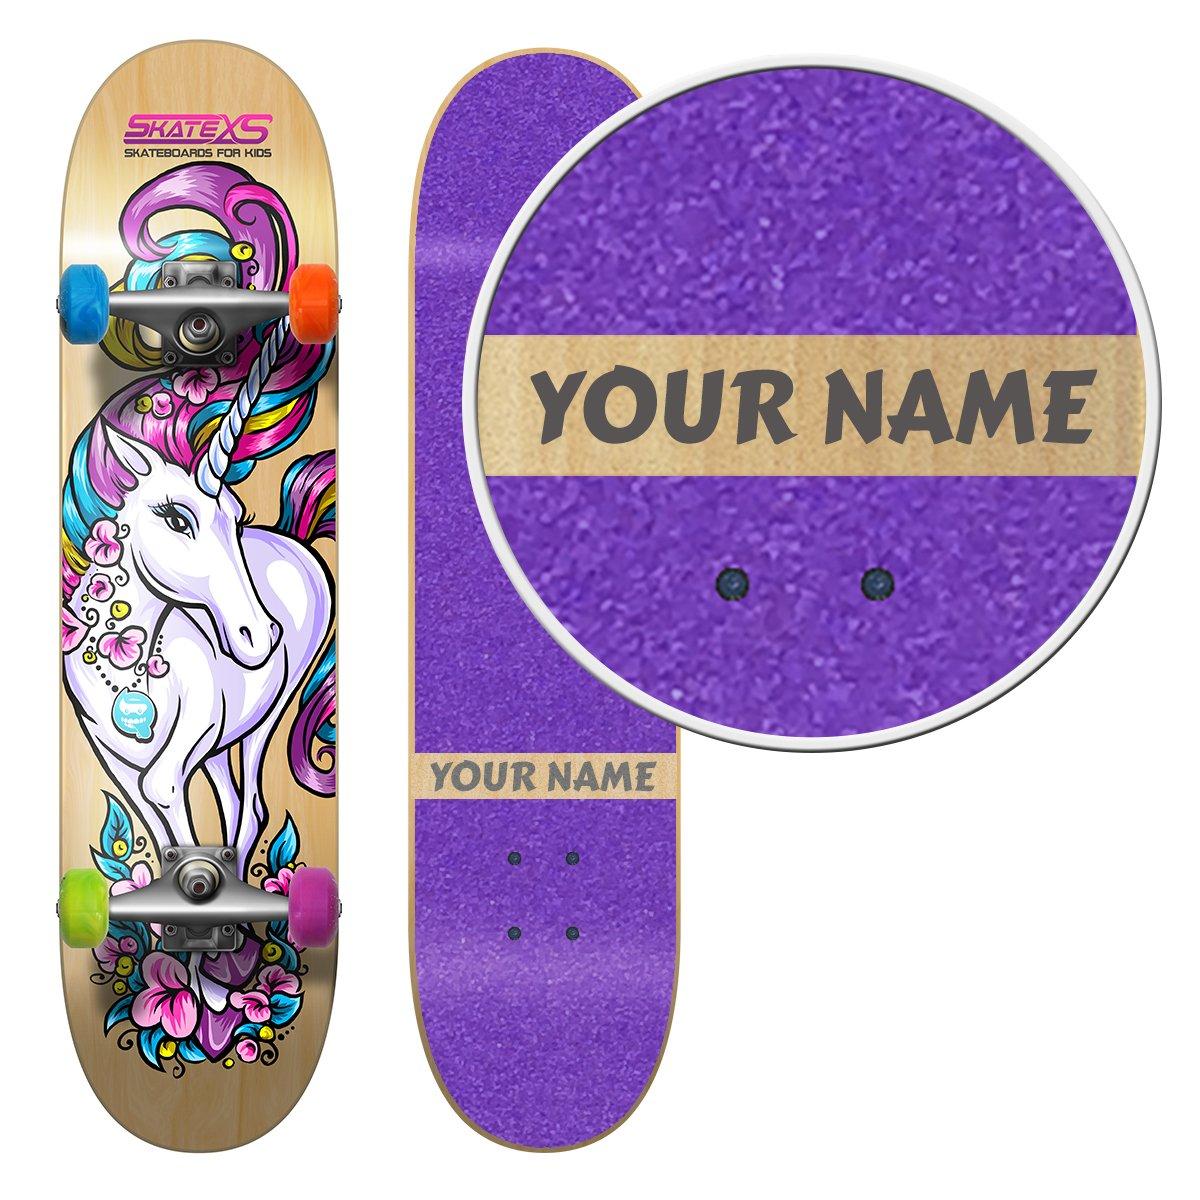 SkateXS Personalized Beginner Unicorn Girls Skateboard by SkateXS